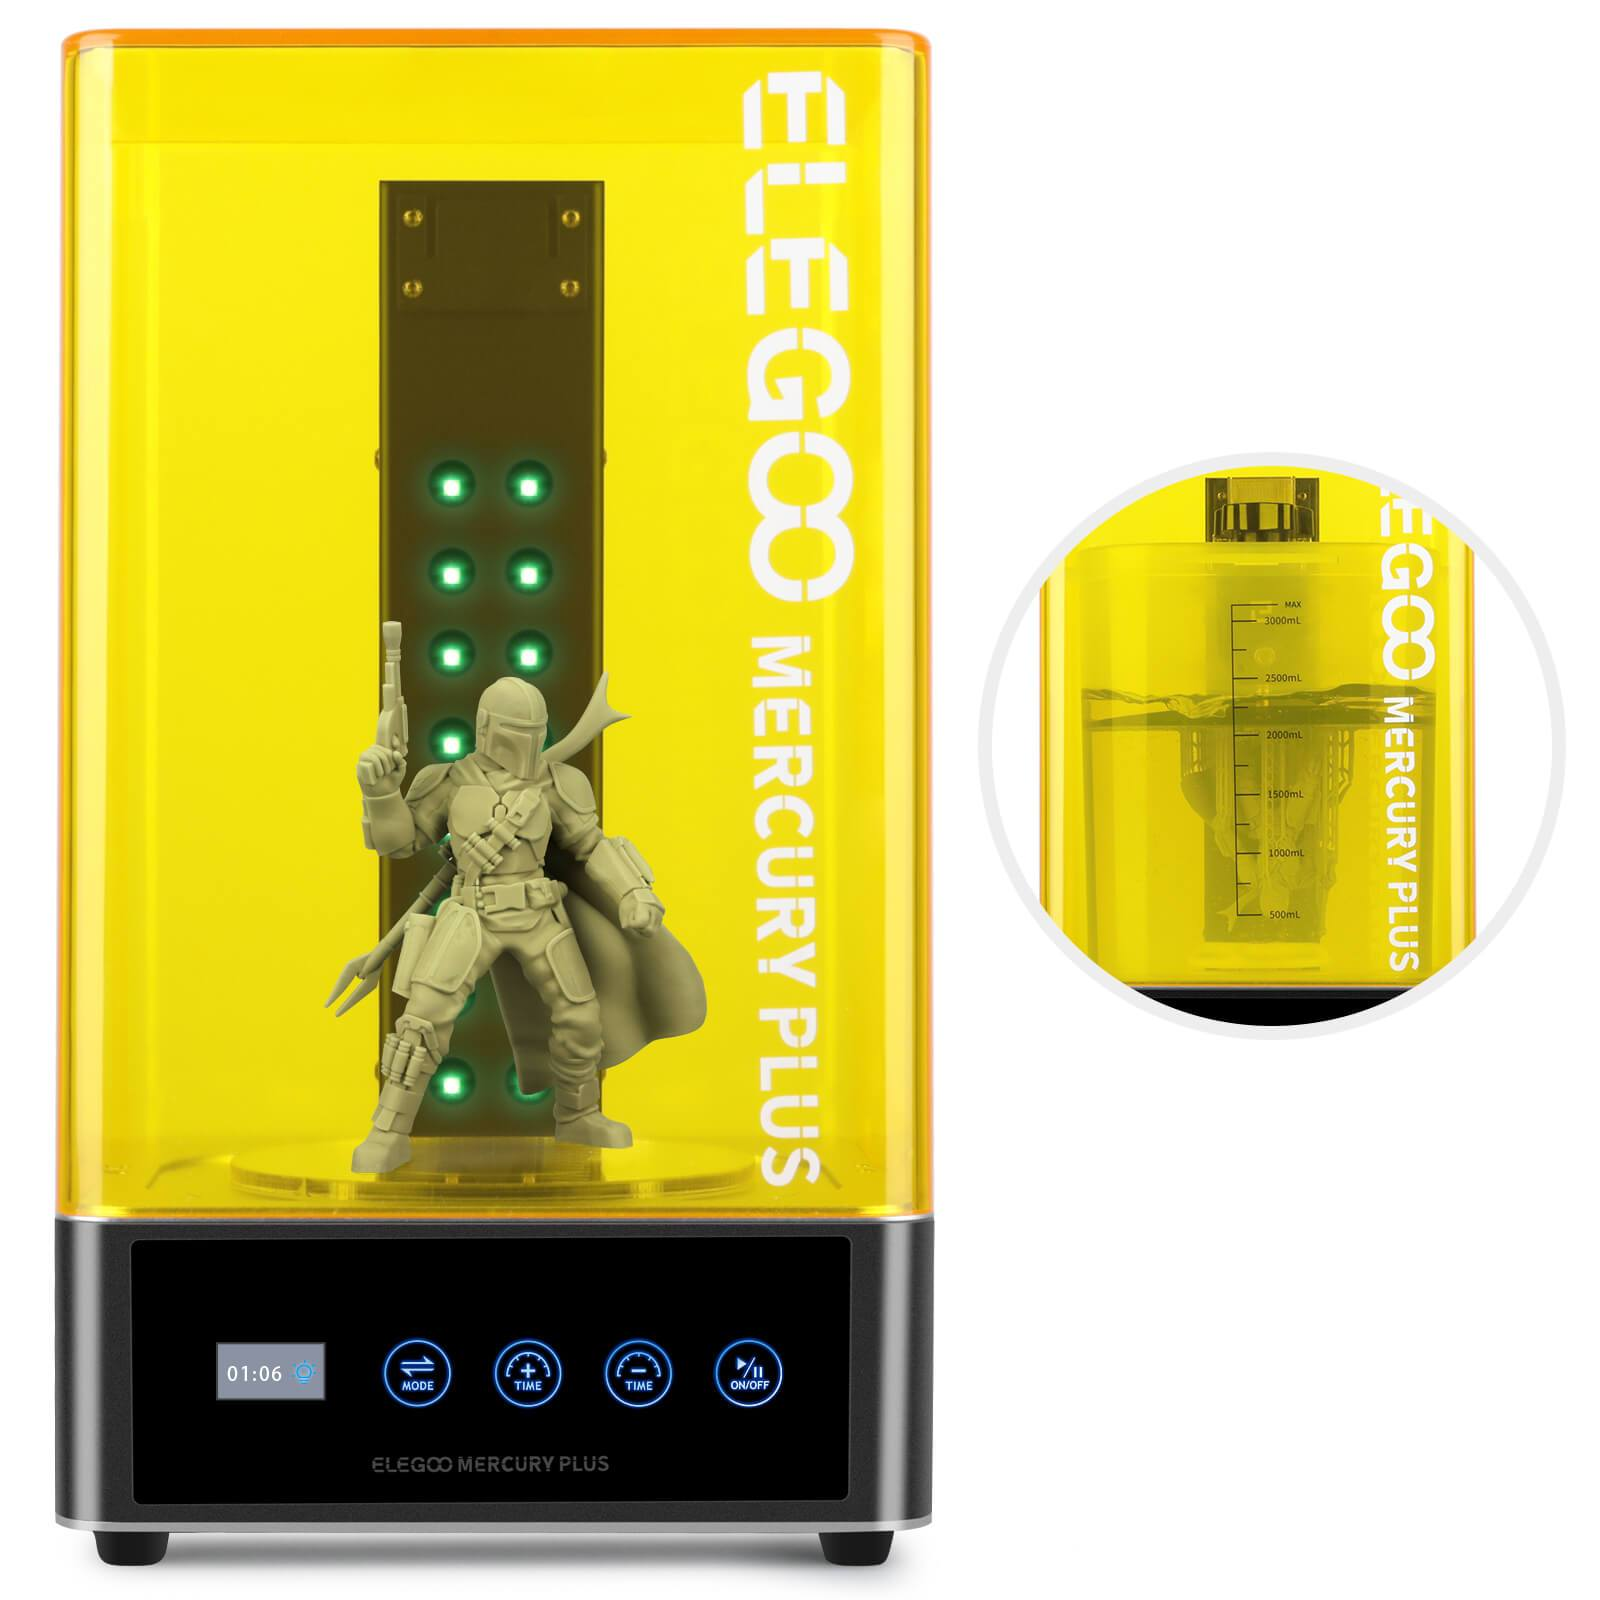 elegoo-mercury-plus-устройство-для-очистки-сушки-изделий-купить-киев-харьков-одесса-львов-запорожье-днепр